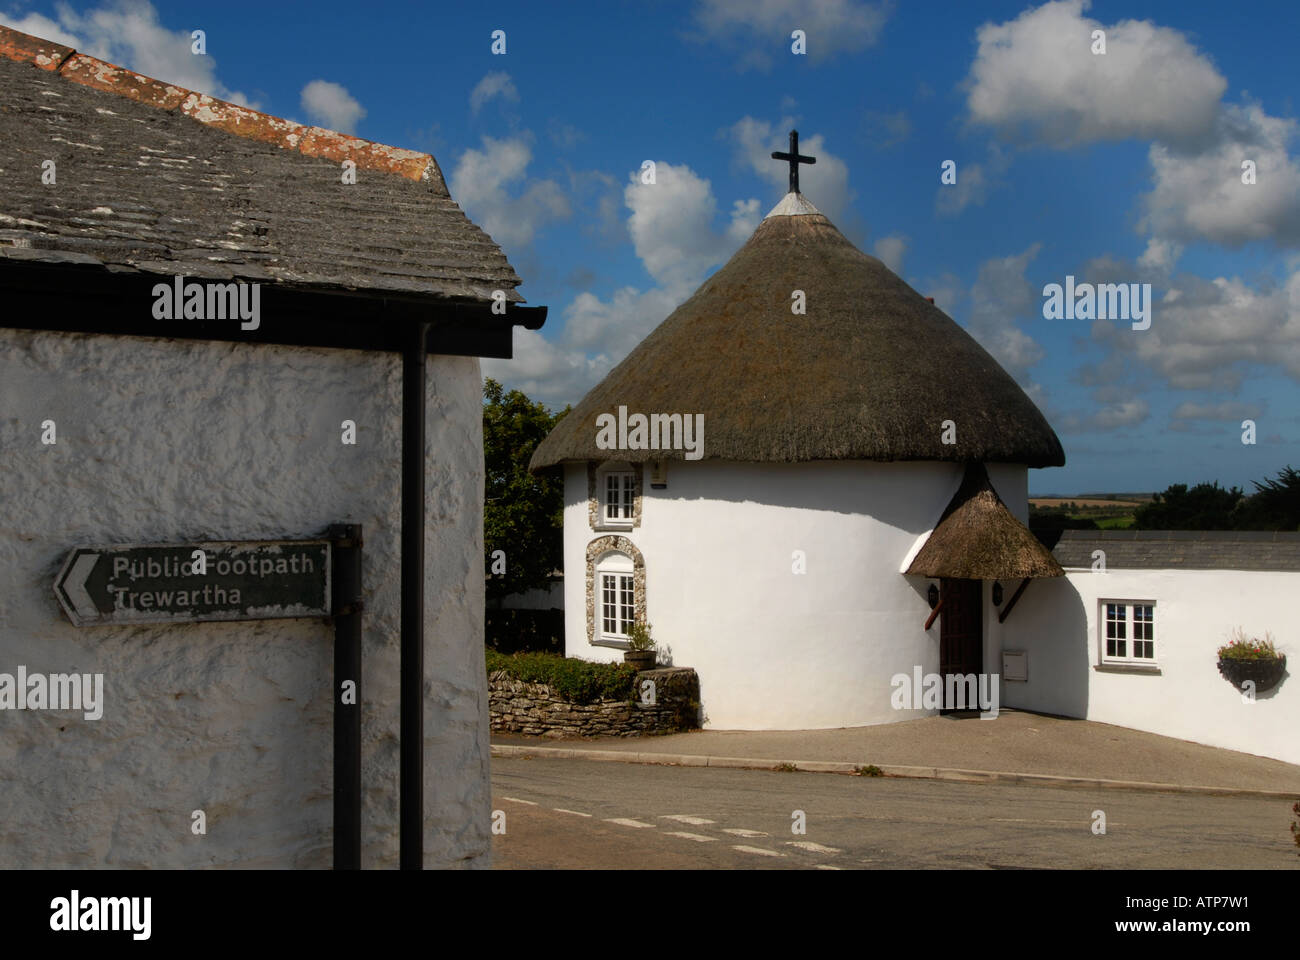 Rundes Haus Am Eingang Zum Veryan In Cornwall Uk Stockfoto Bild